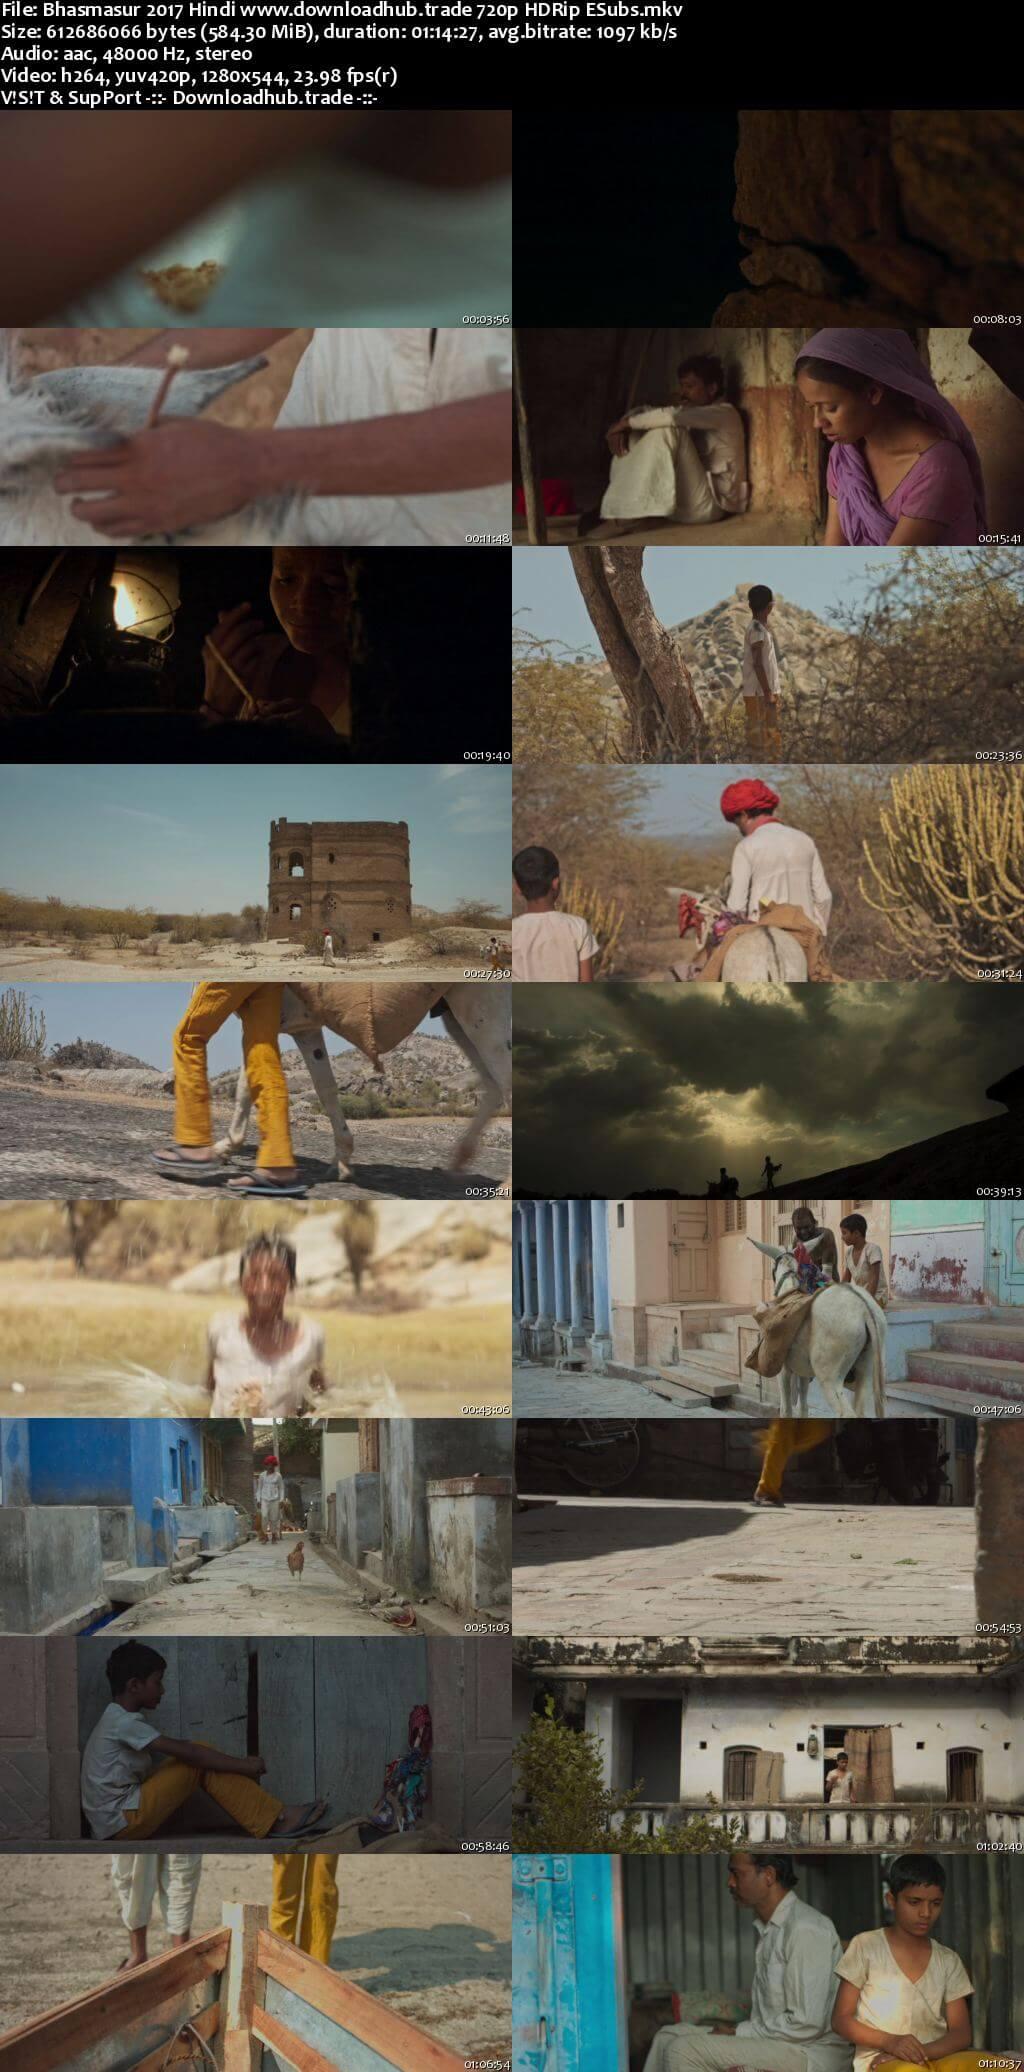 Bhasmasur 2017 Hindi 720p HDRip ESubs